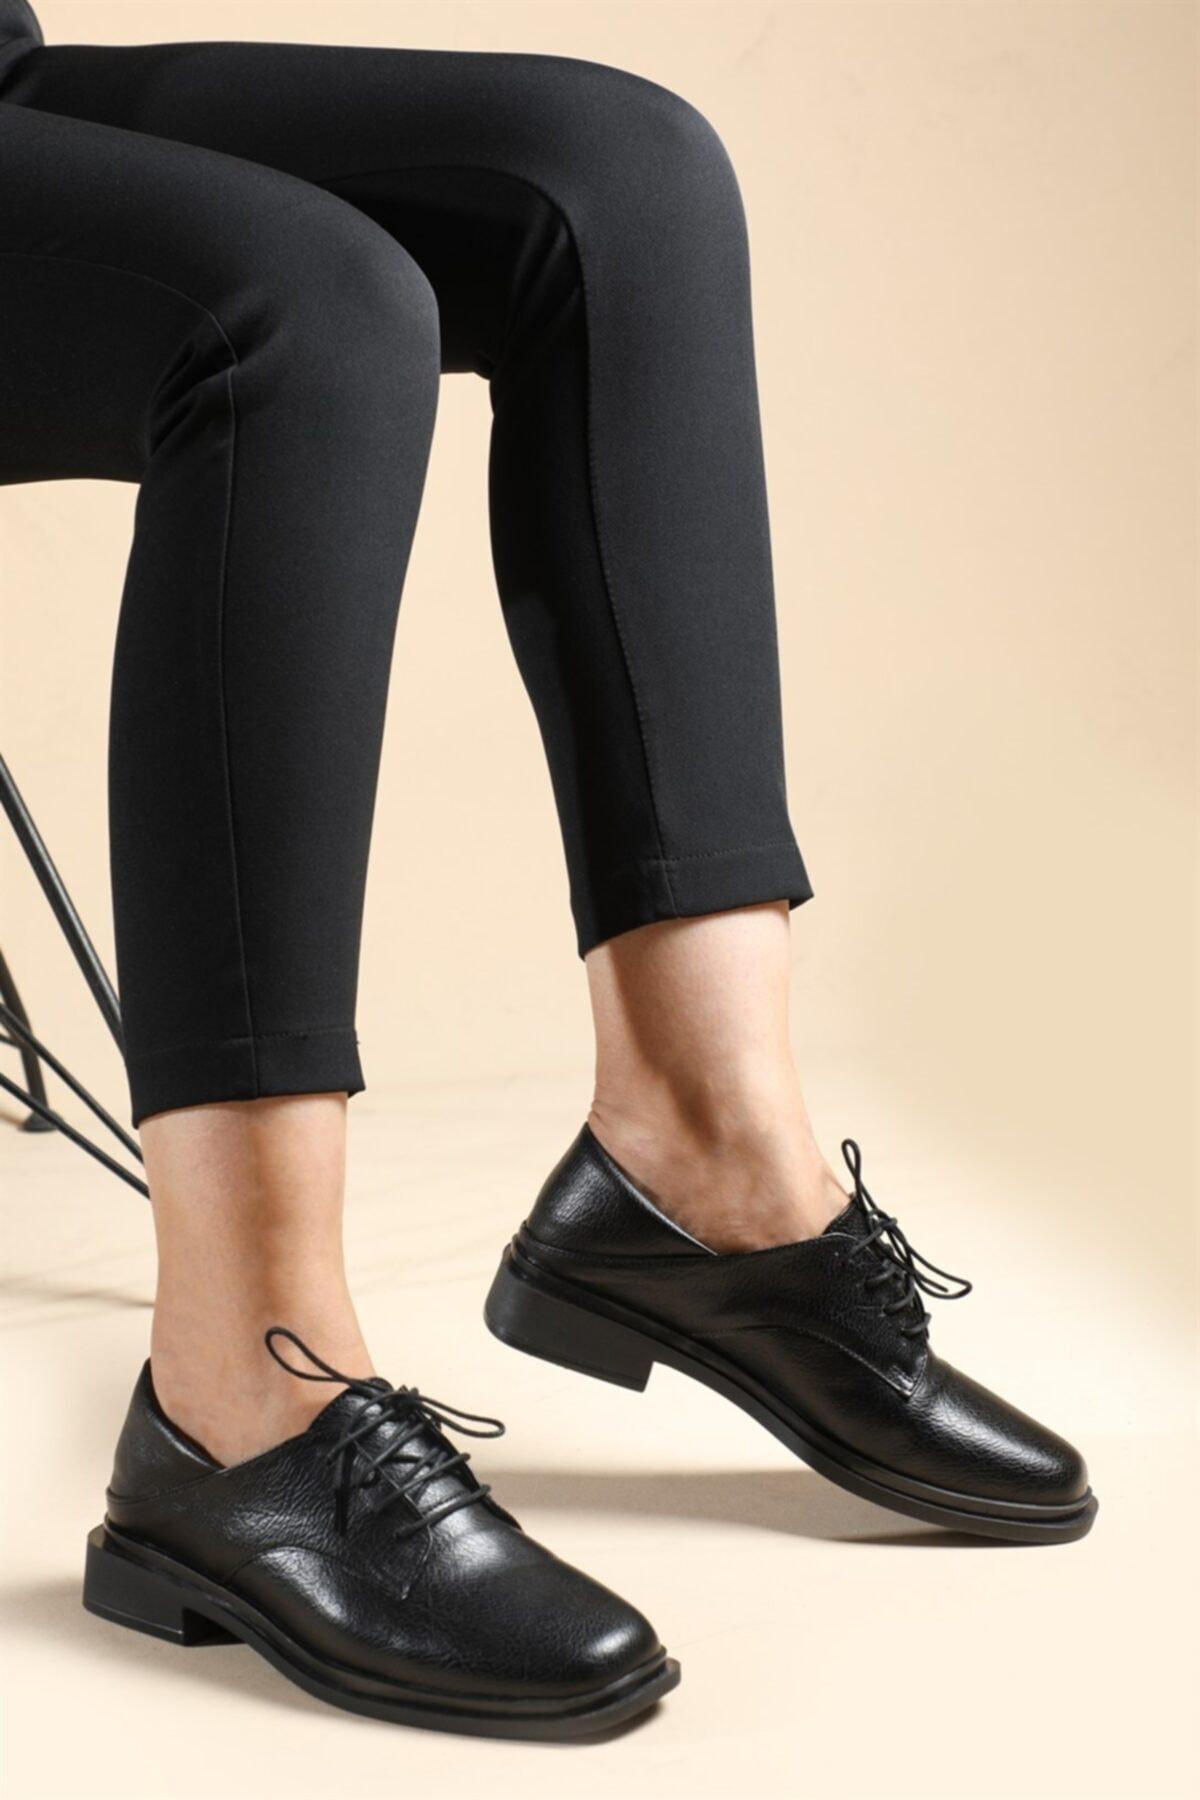 CARLA BELLA Kadın Siyah Klasik Ayakkabı Us-052